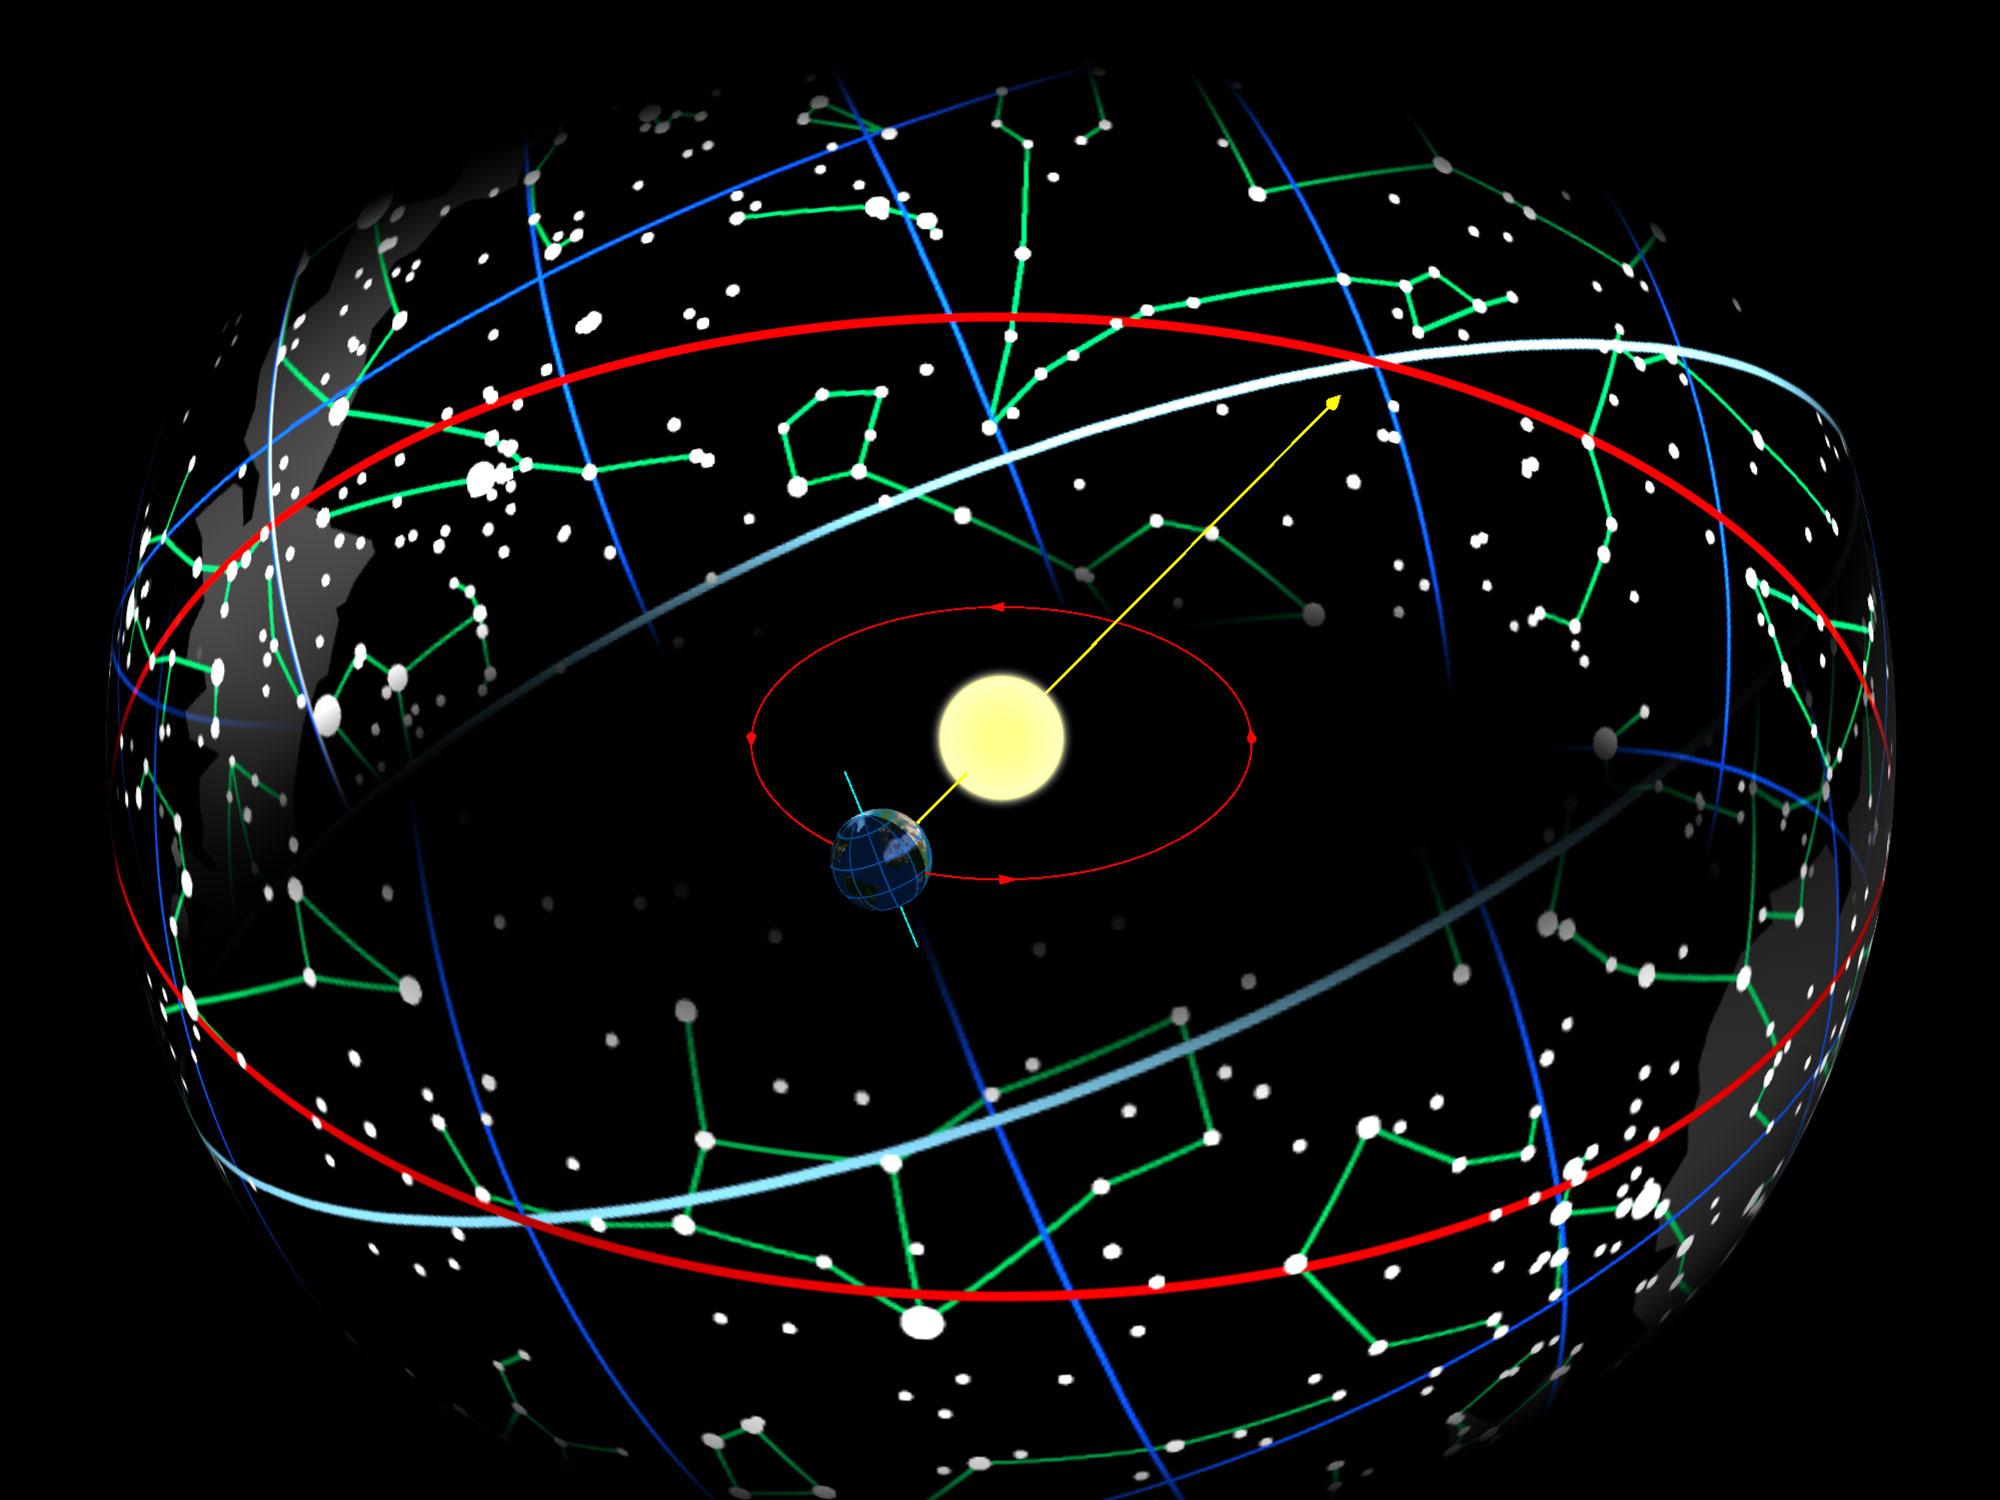 O equador celeste é a linha branca e a eclíptica é a linha vermelha